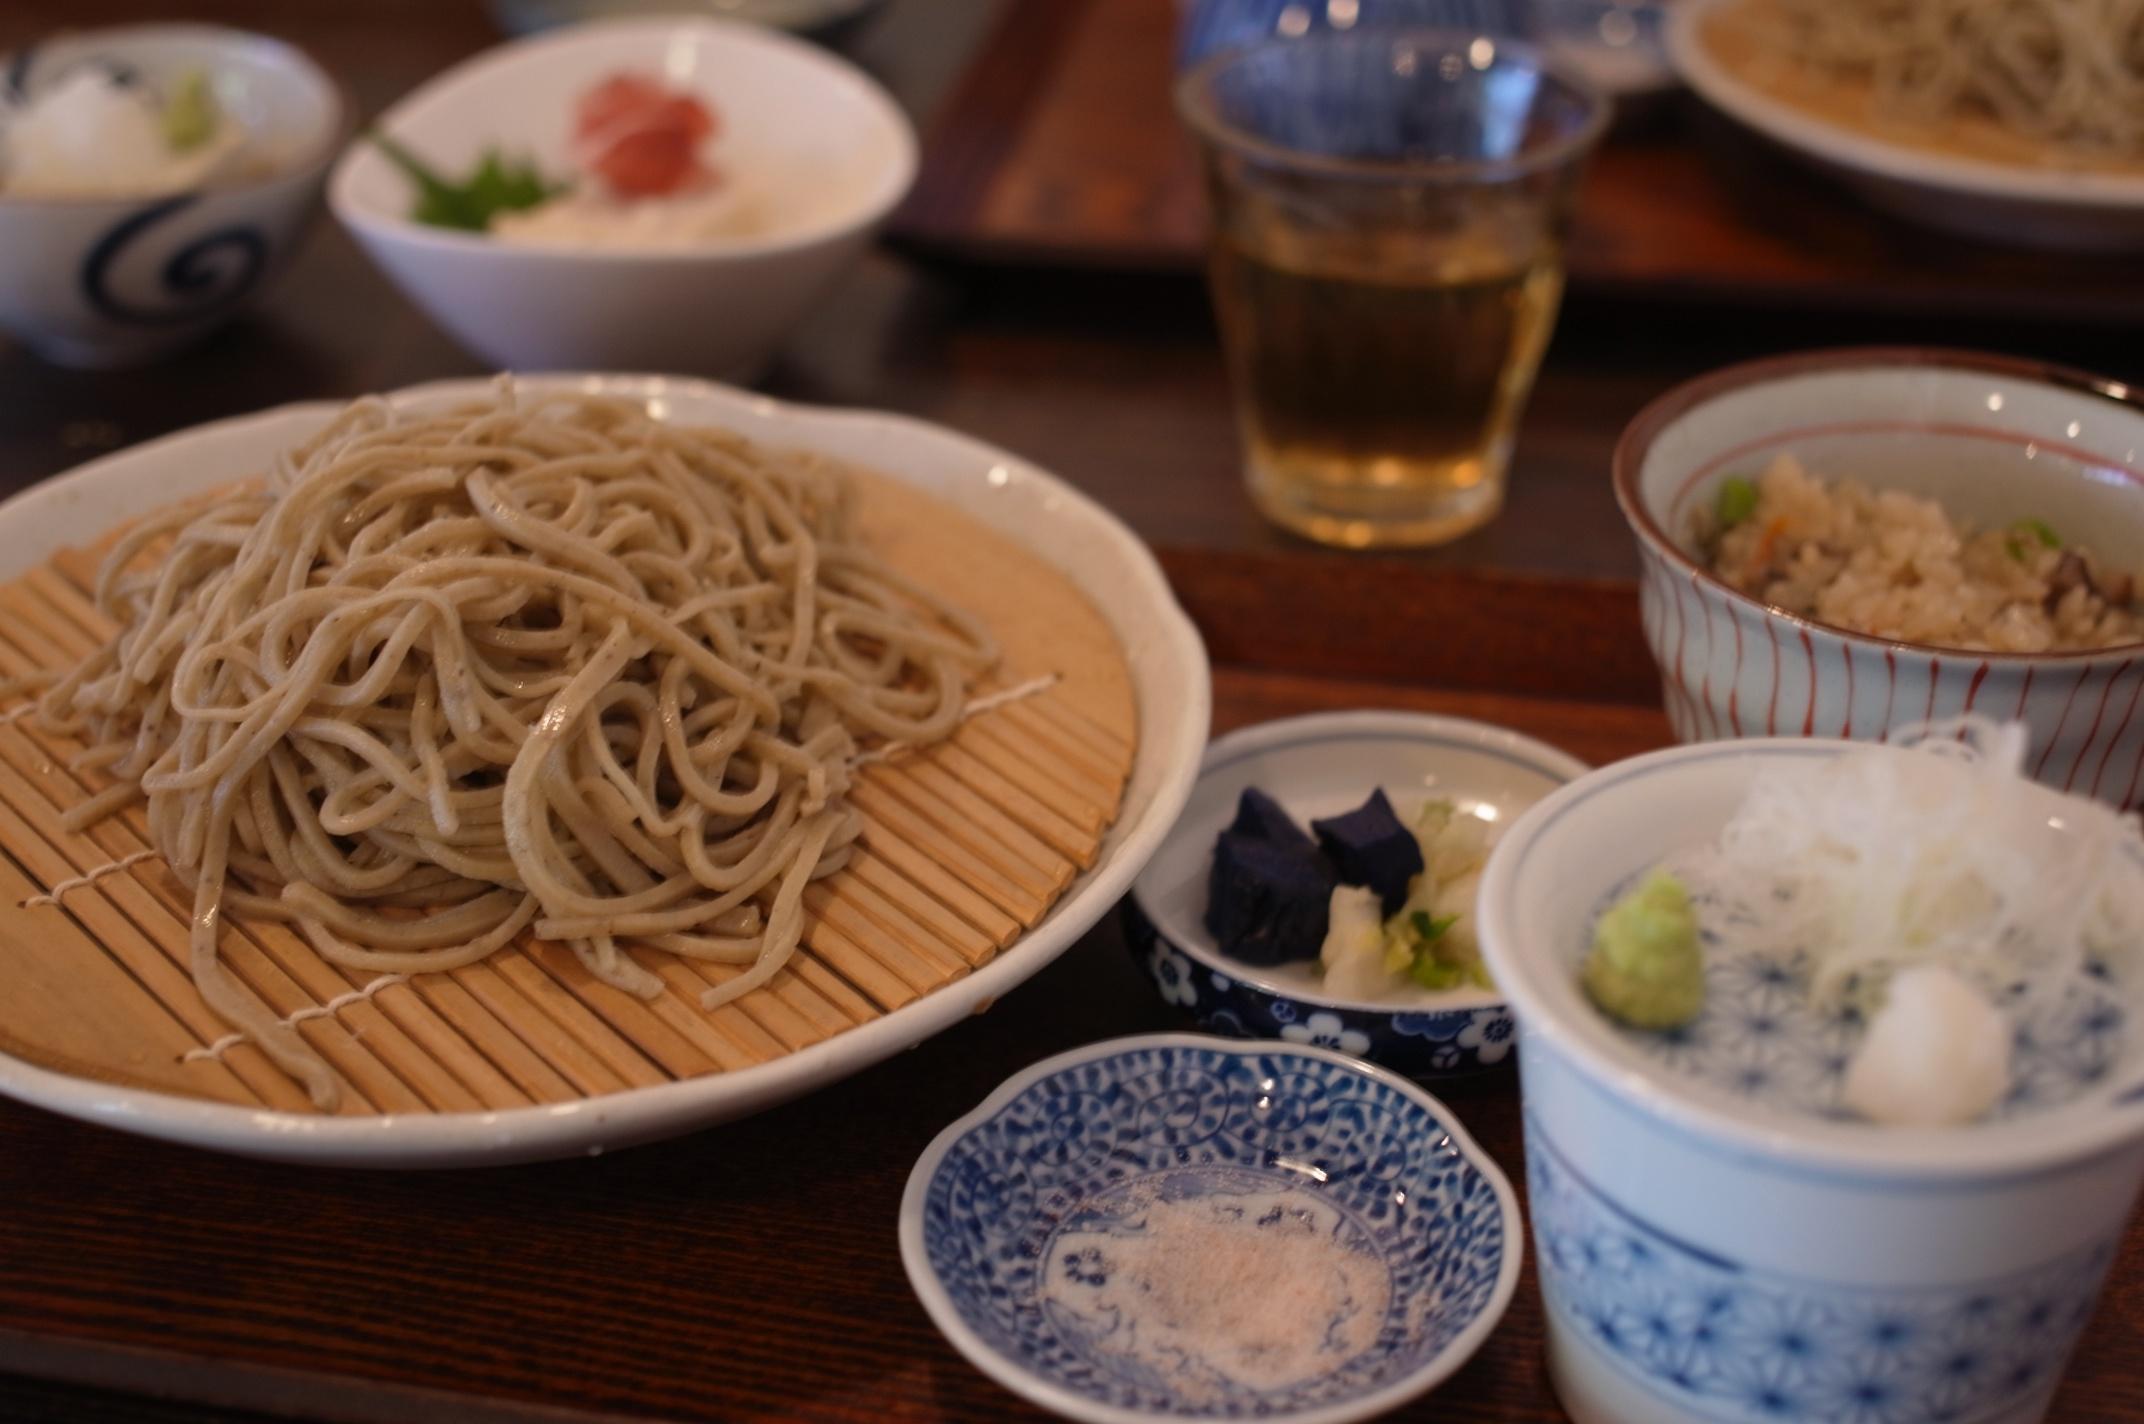 【糸島】糸島らしさ全開!古民家をそのまま利用したリラックス空間で蕎麦をいただいた!「そばきり 桜花」